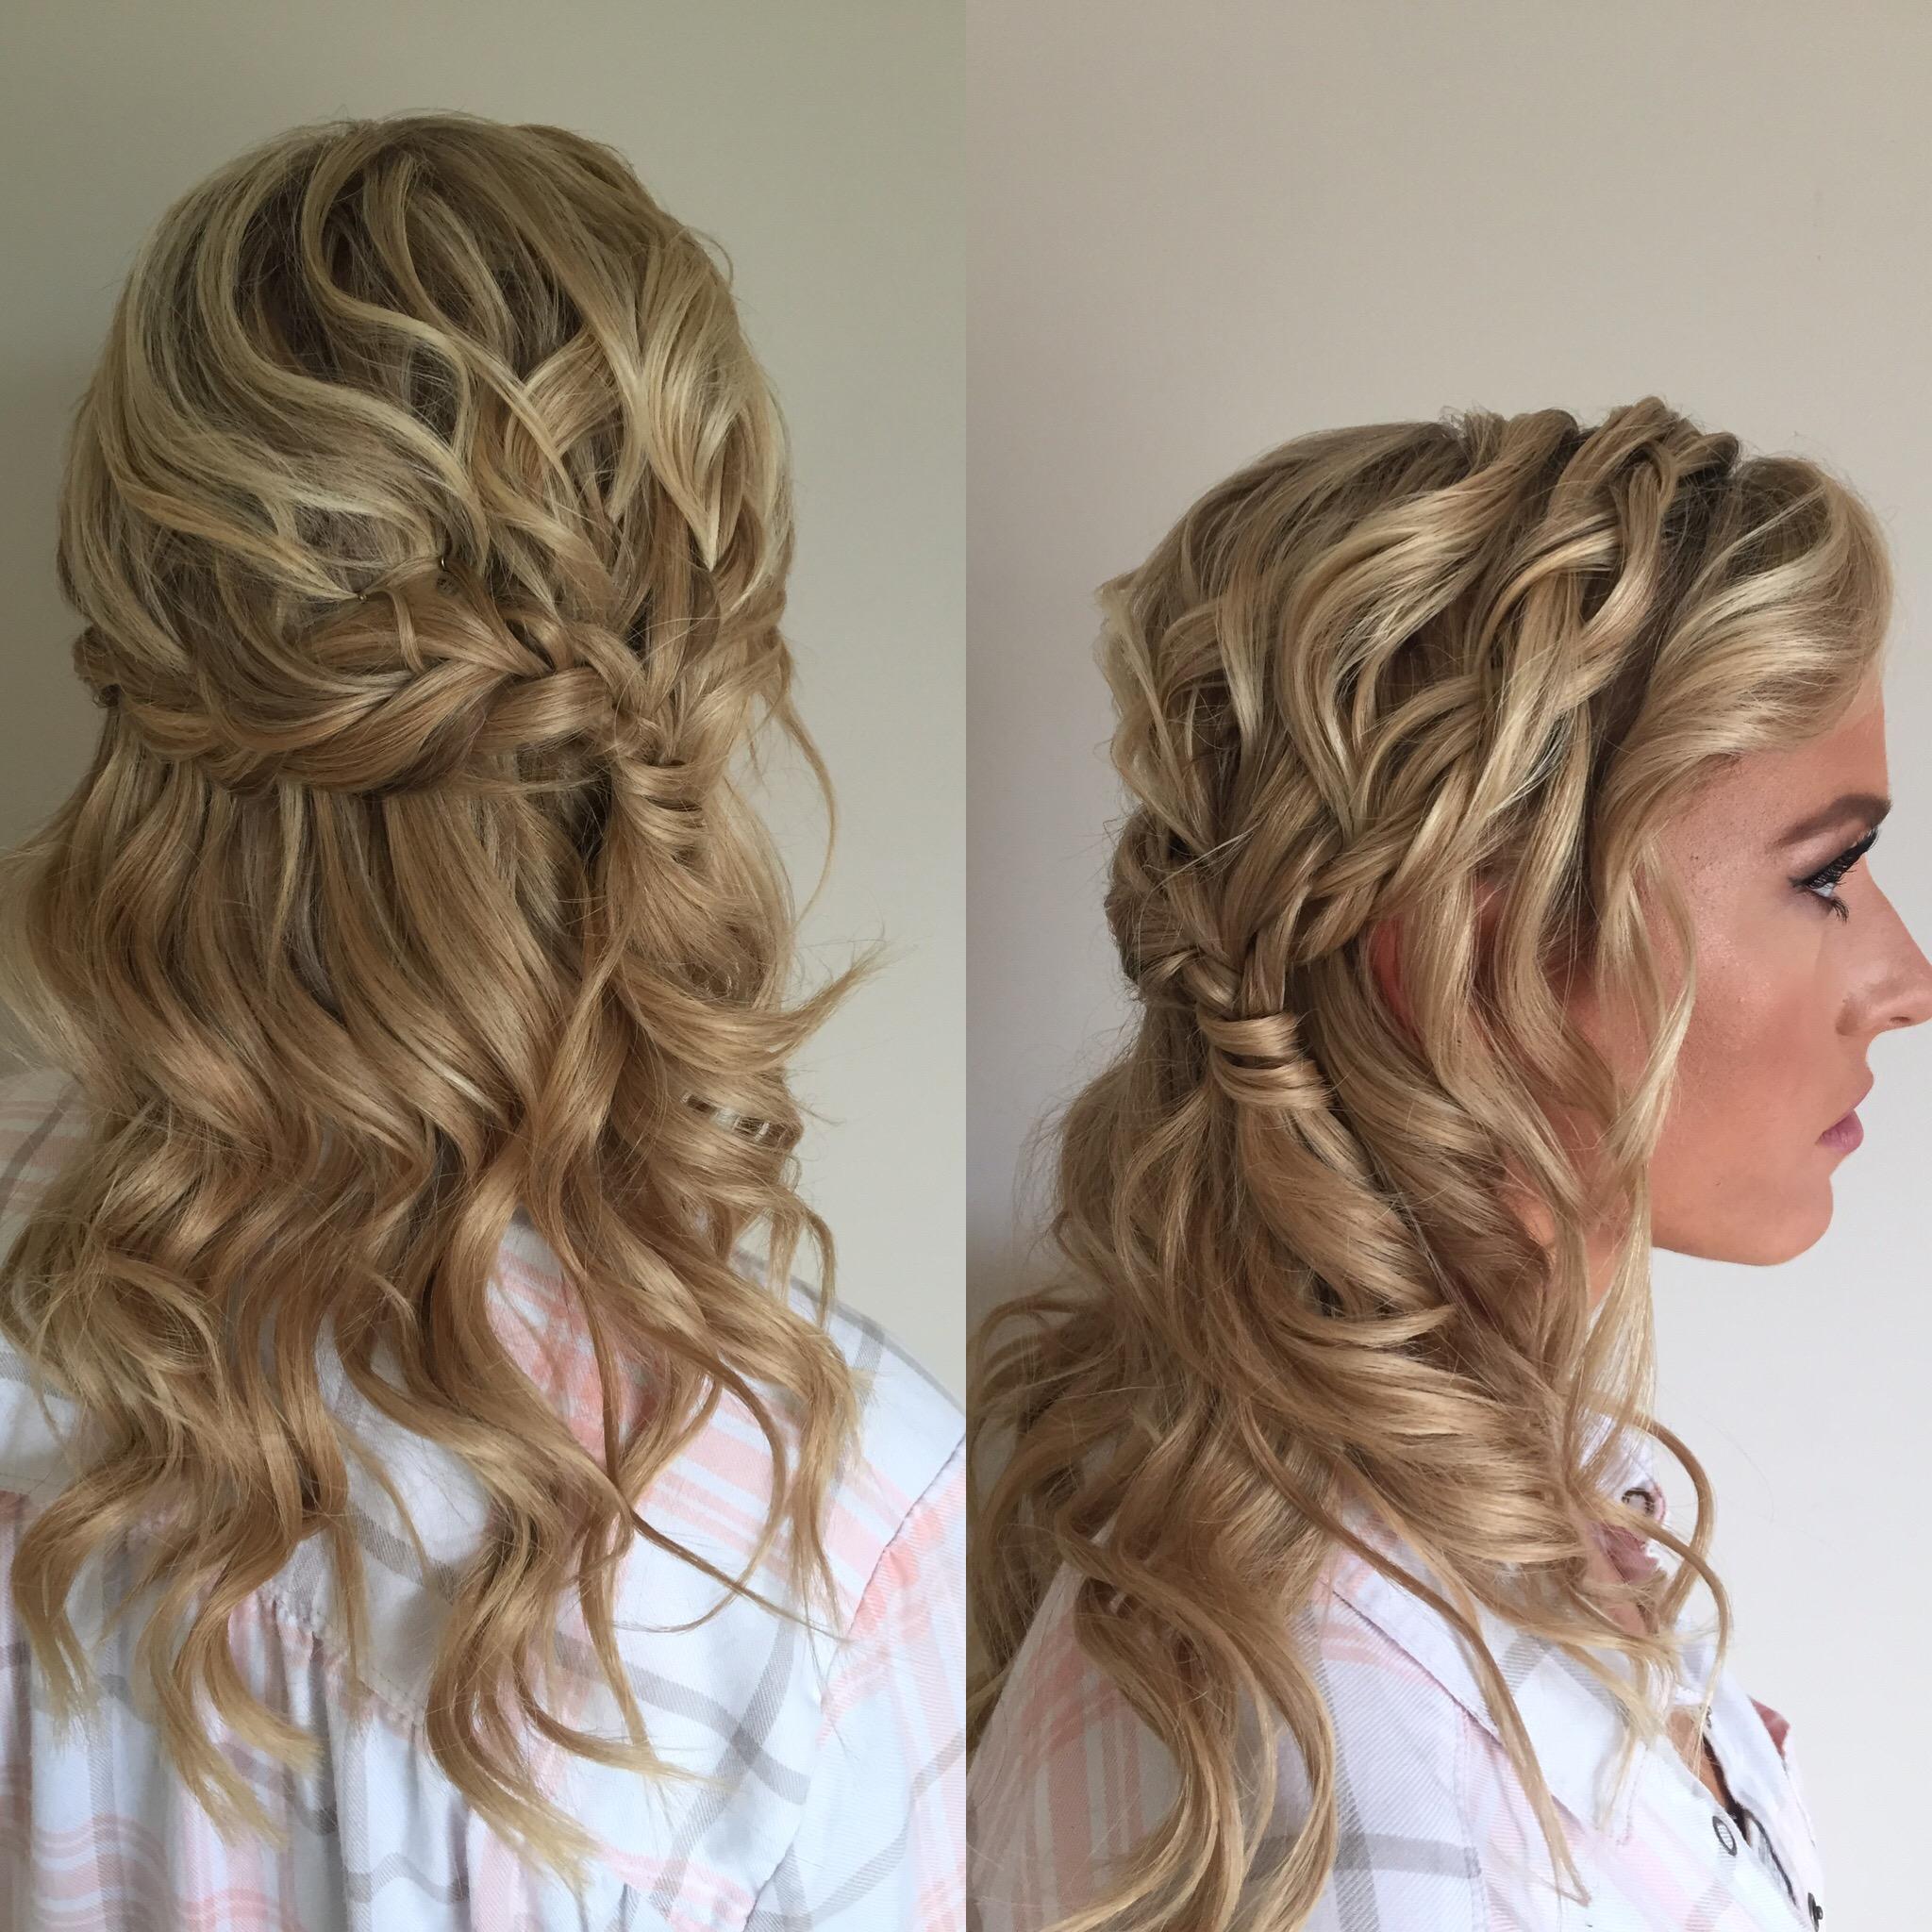 bridesmaid's romantic hairstyle by Kara